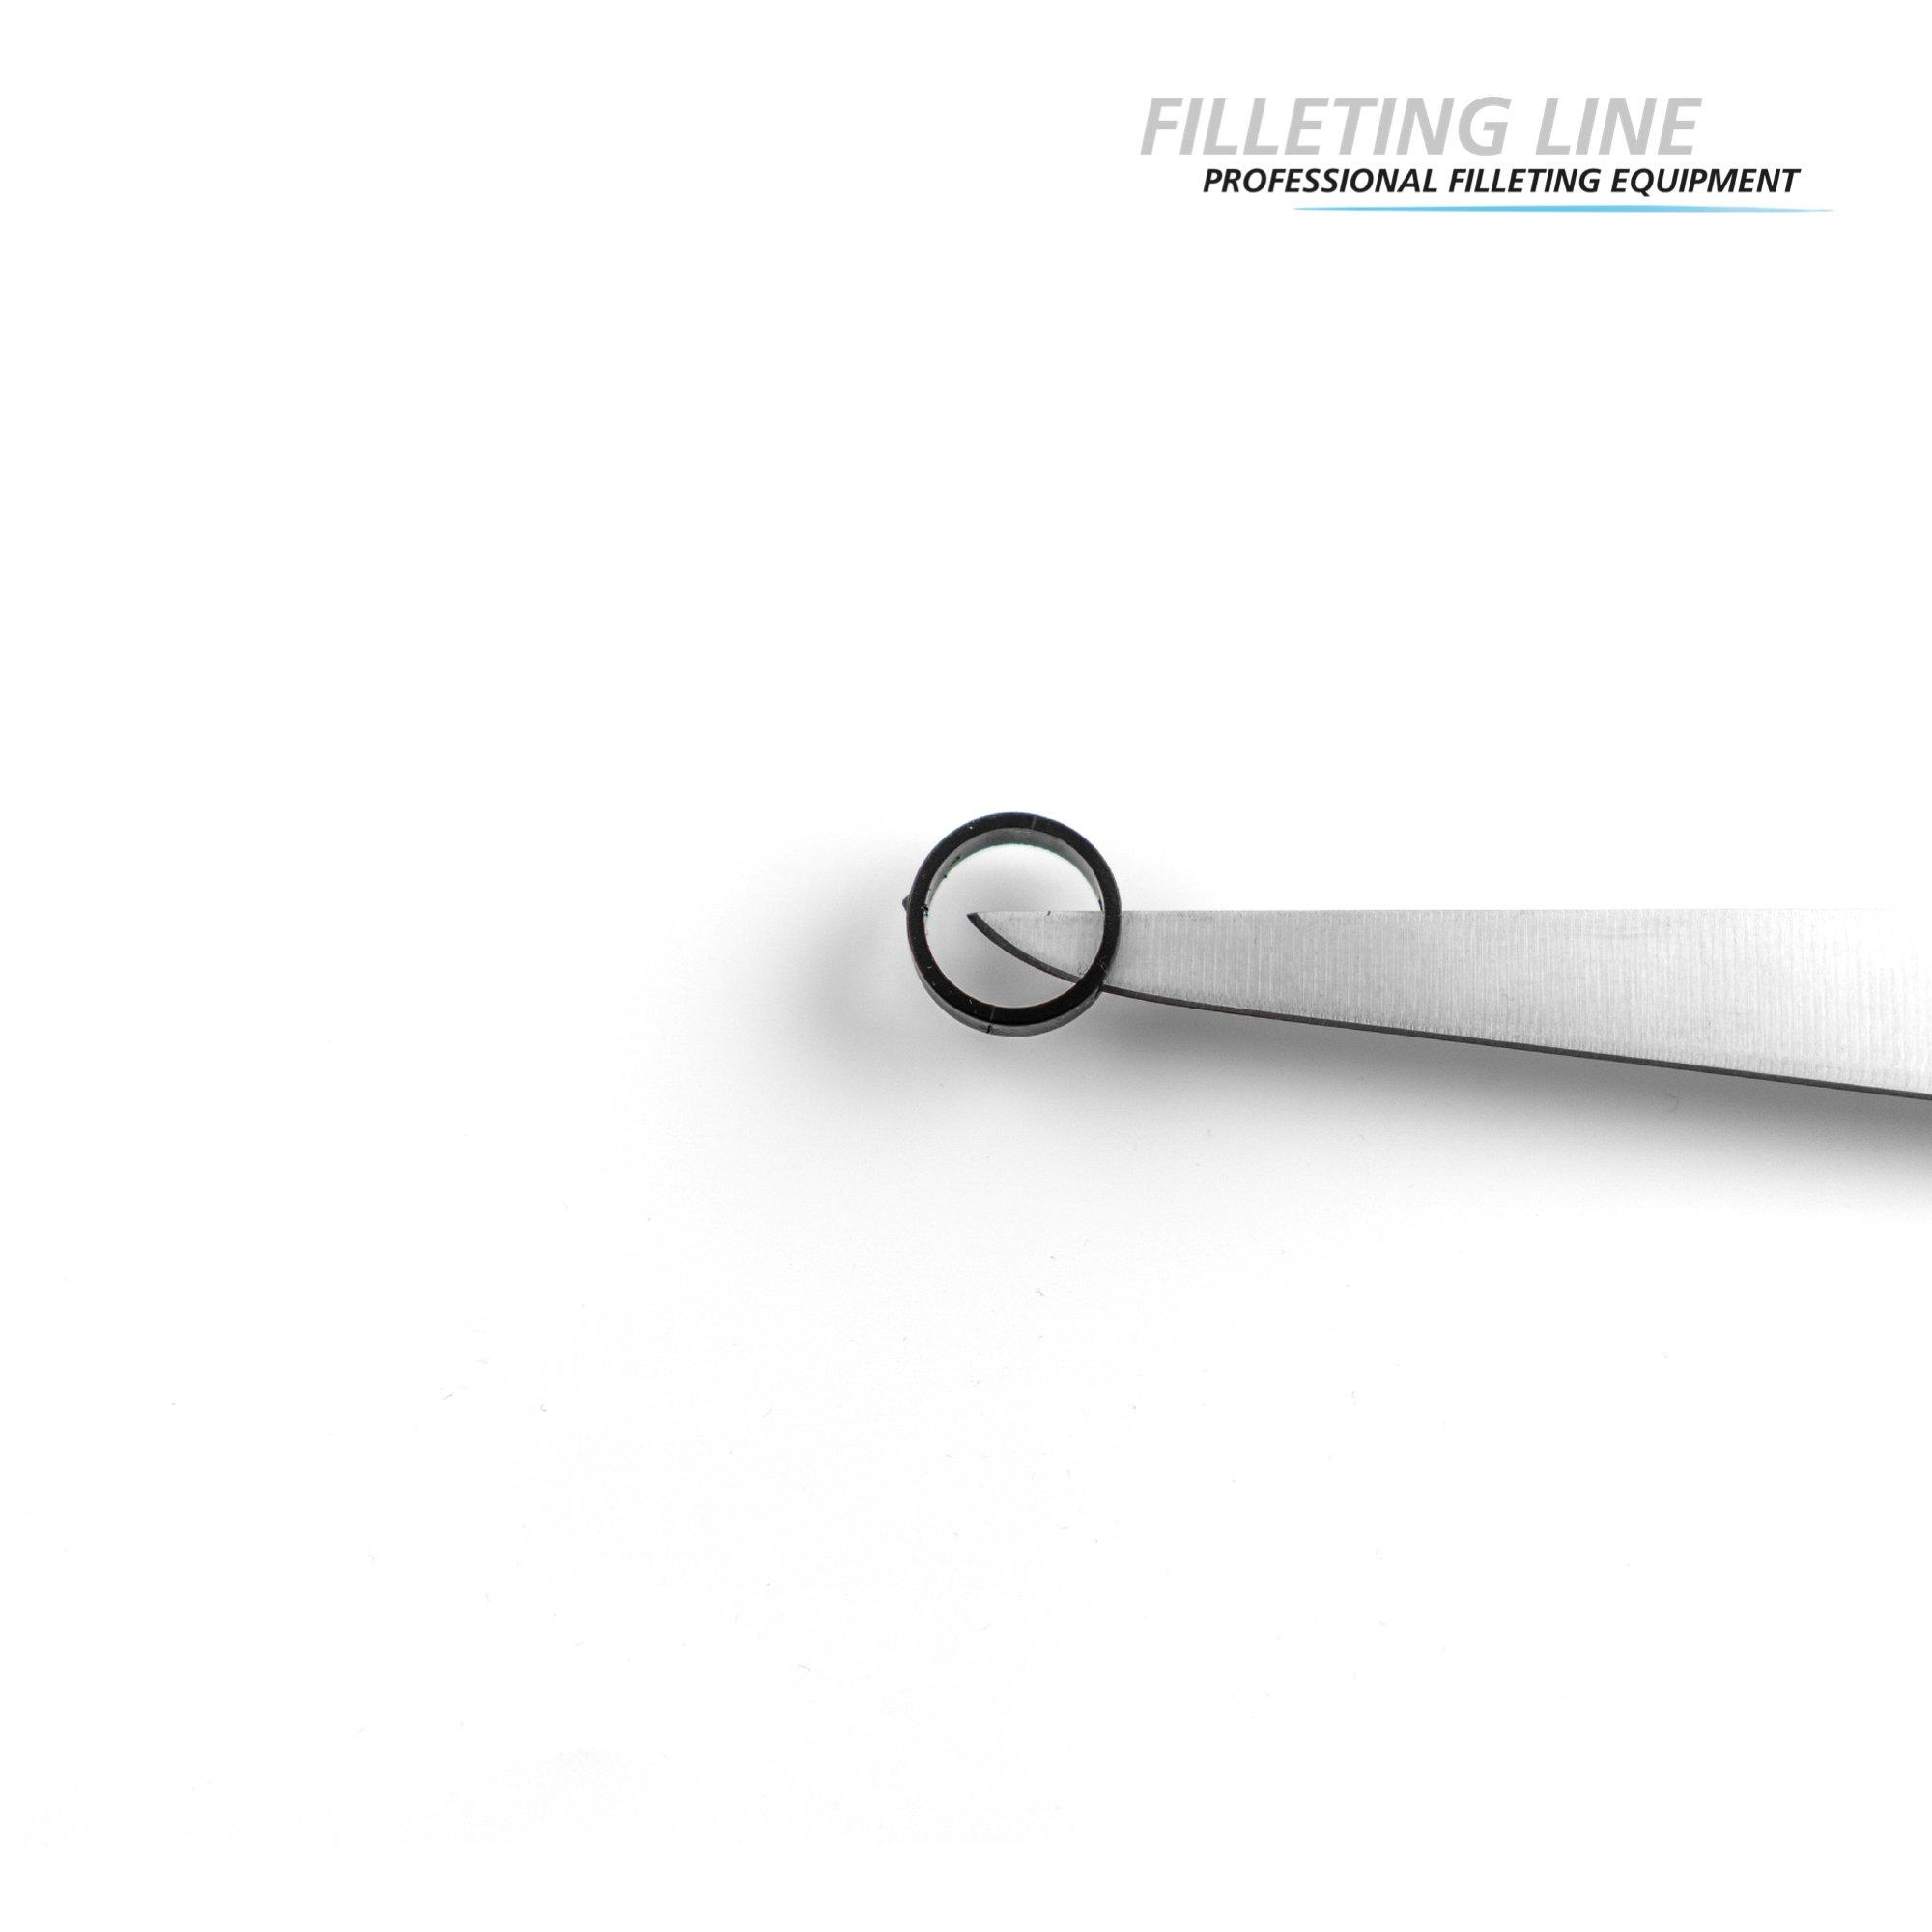 FILLETING LINE_2000x2000_DETAILS_logo-6